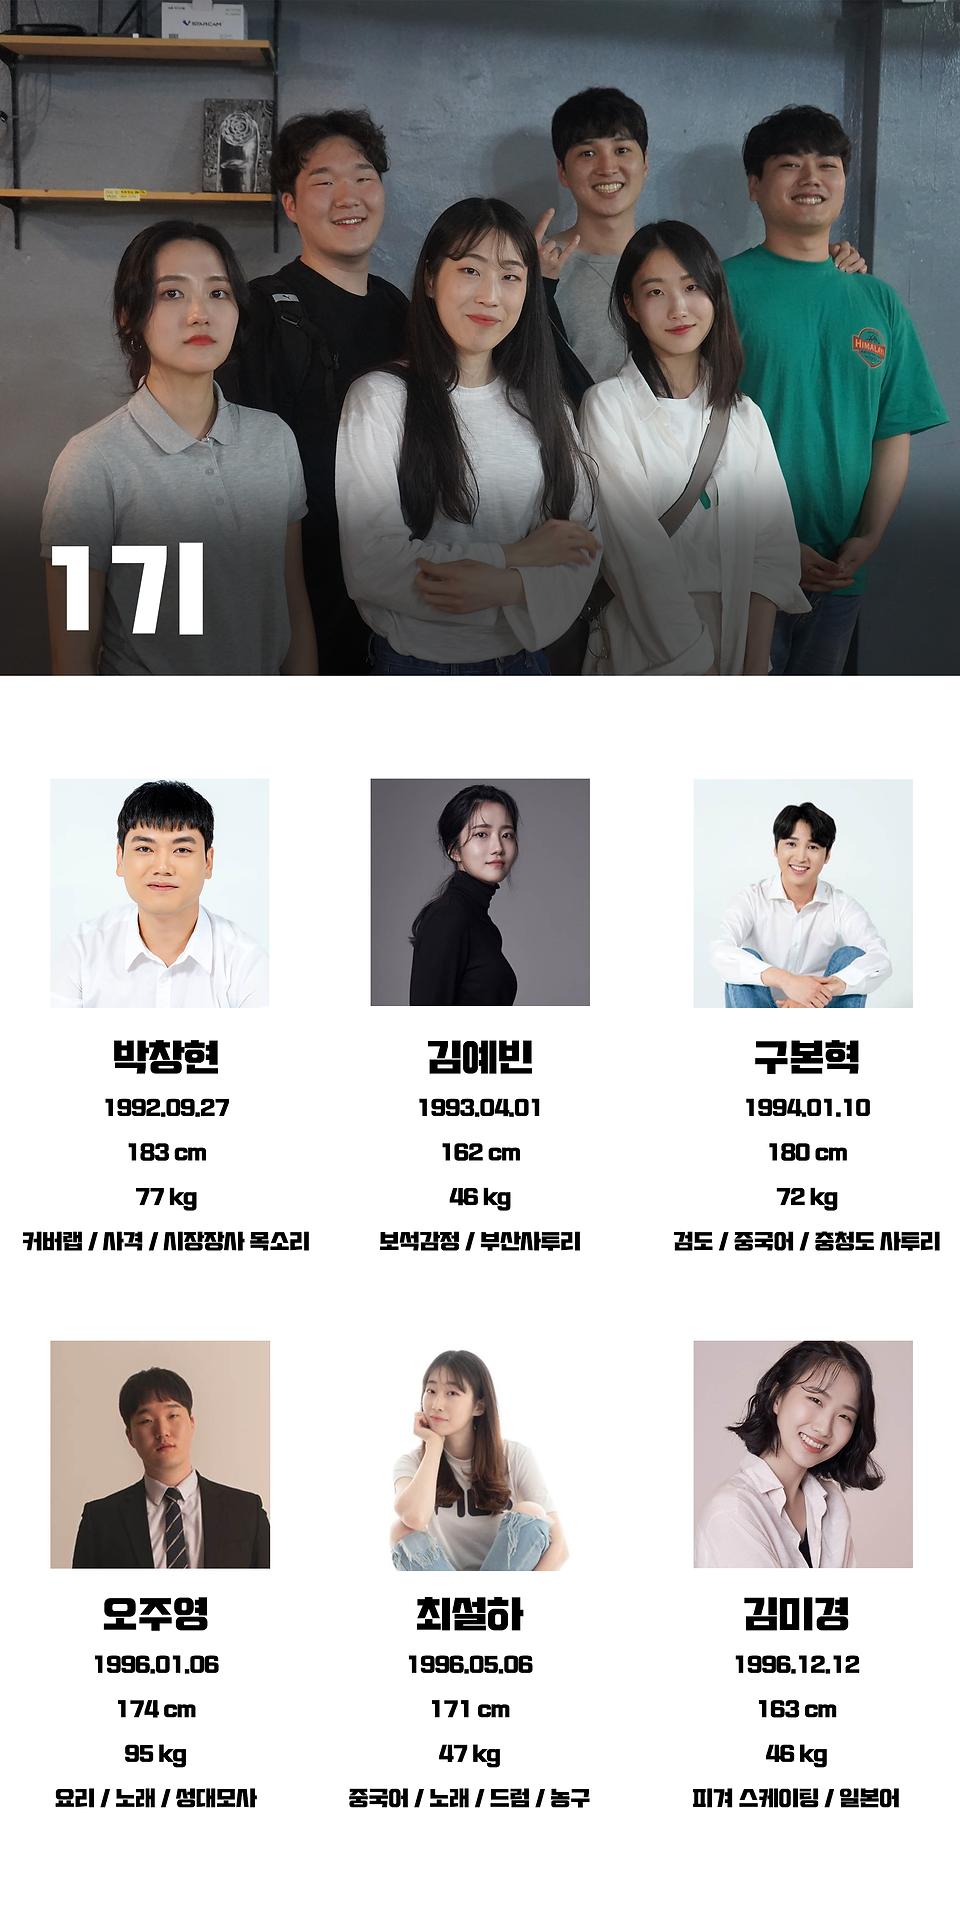 메모비 1기 소개.png